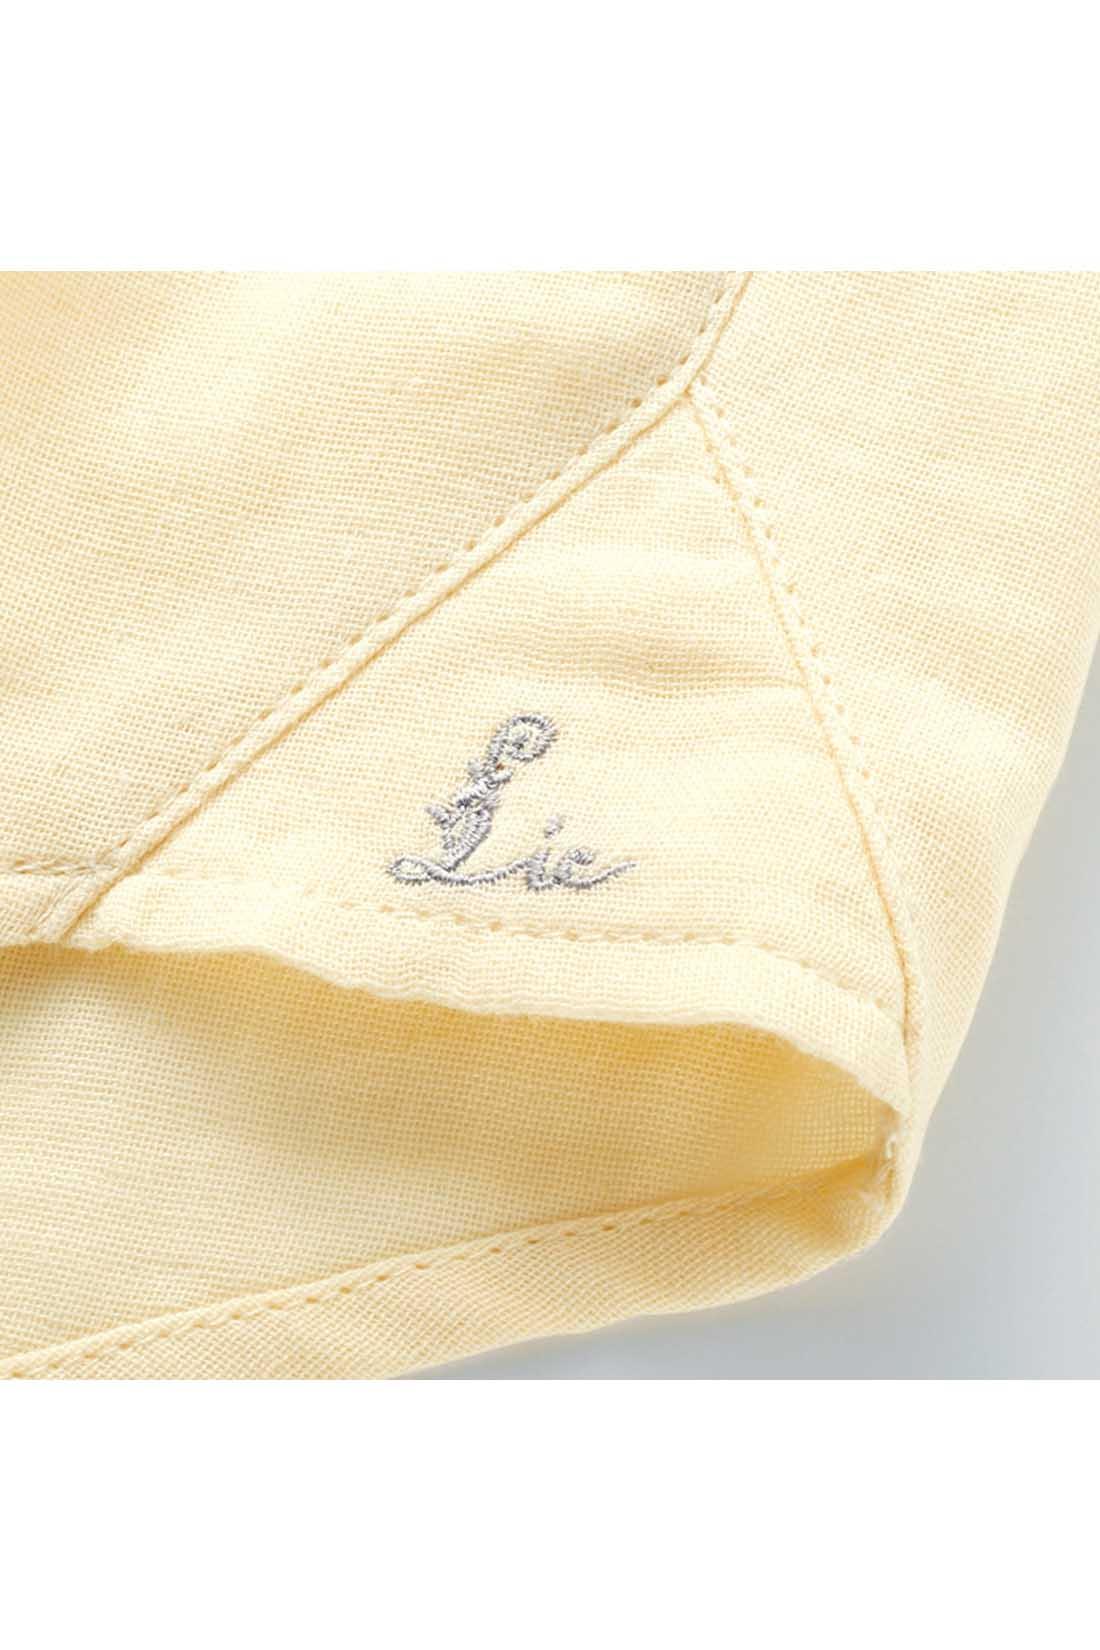 わきのガゼットにリブインのオリジナルロゴ刺繍をオン。